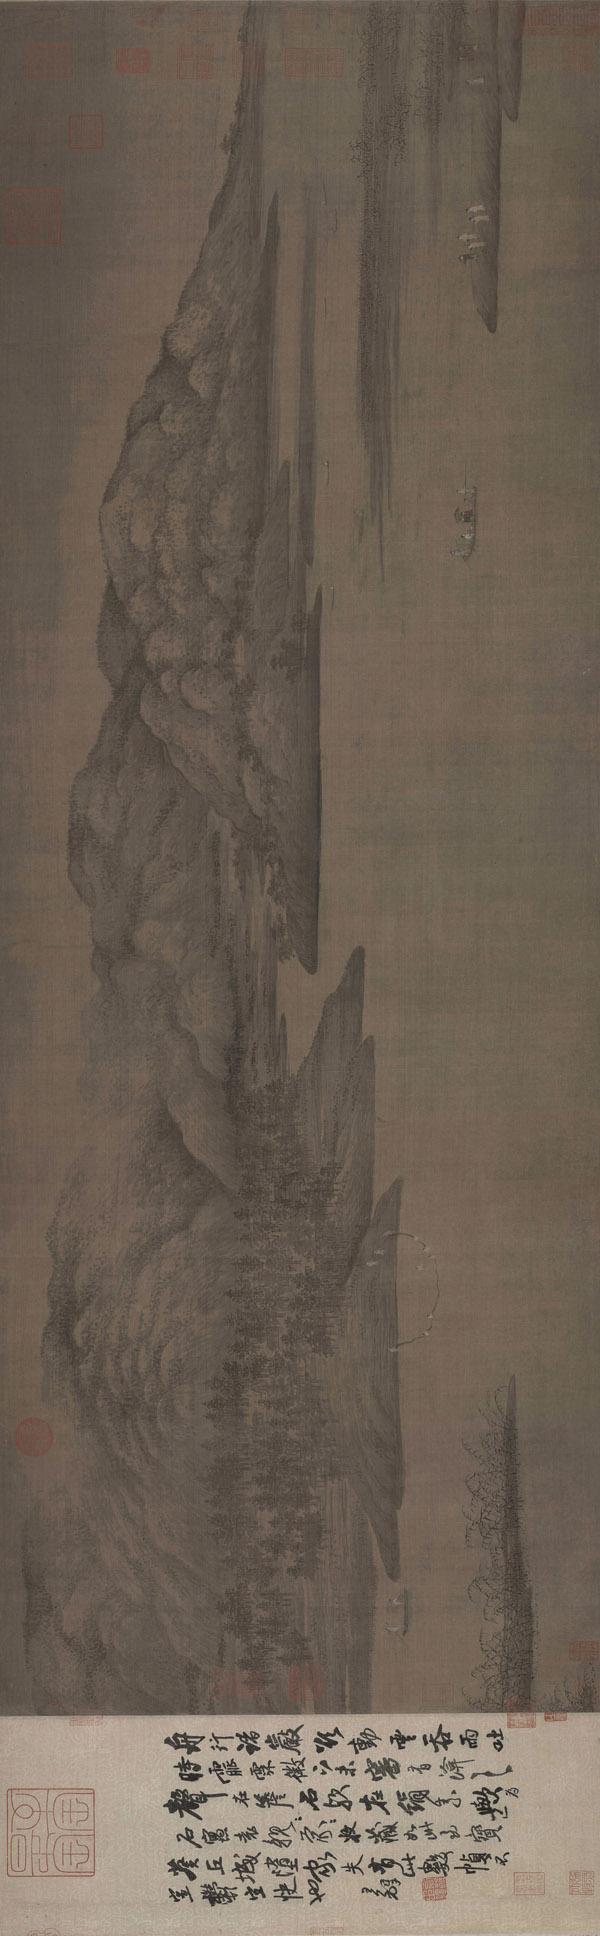 五代 董源 潇湘图卷 全卷 绢本 局部2 旋转 缩图